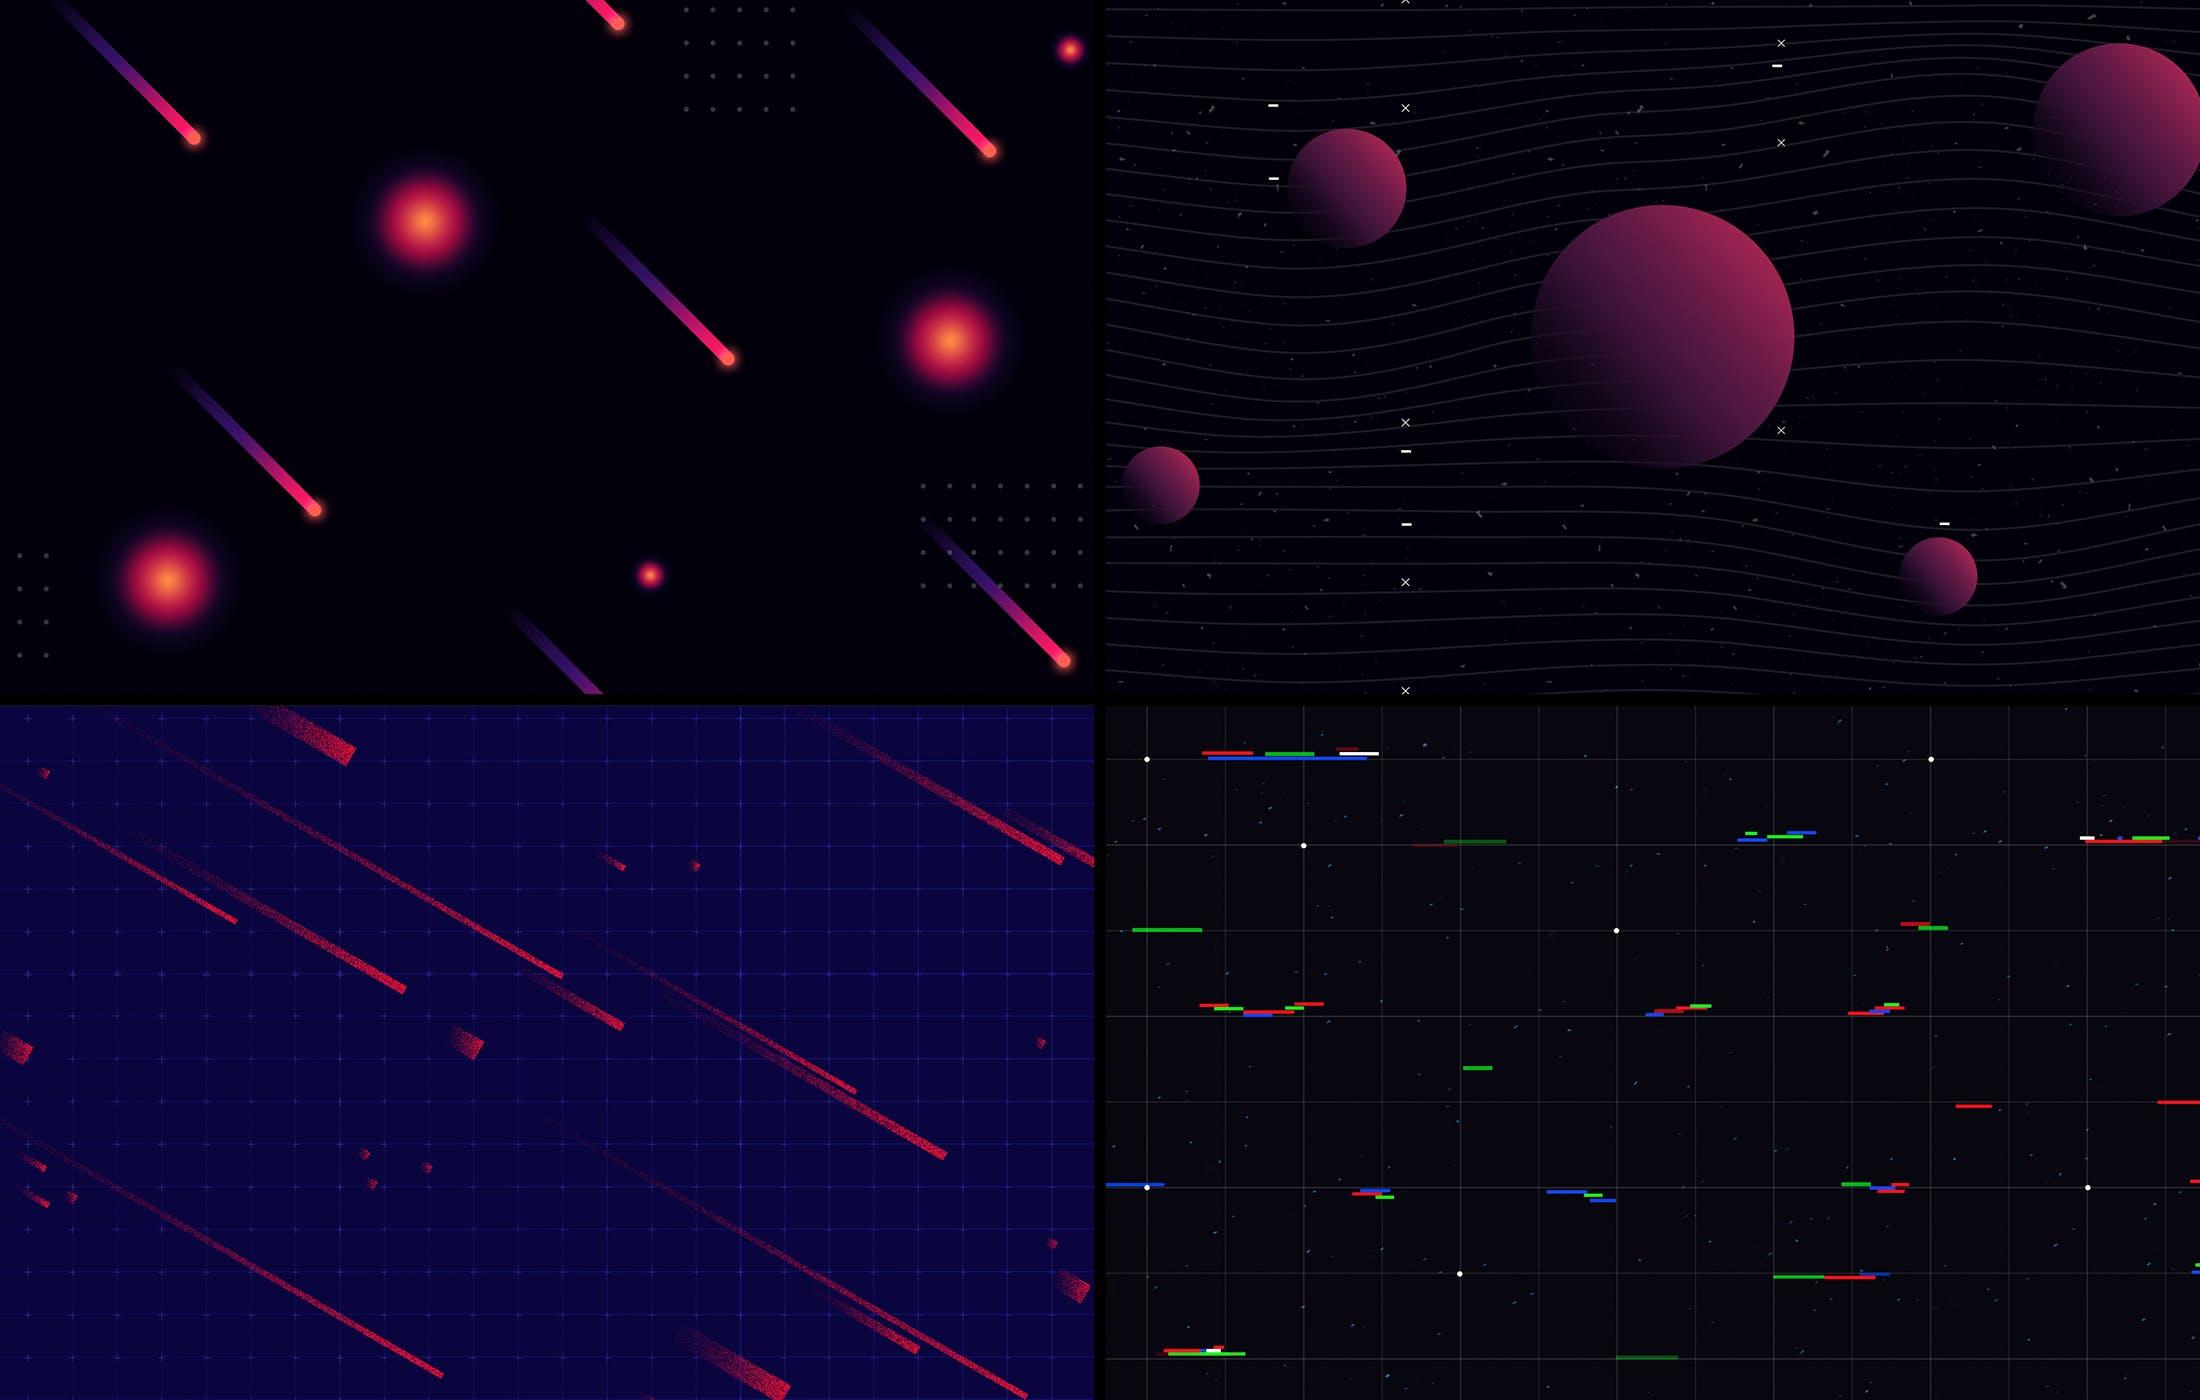 15款炫彩科幻未来潮流赛博朋克海报设计背景PS素材 Cyberpunk Backgrounds插图3